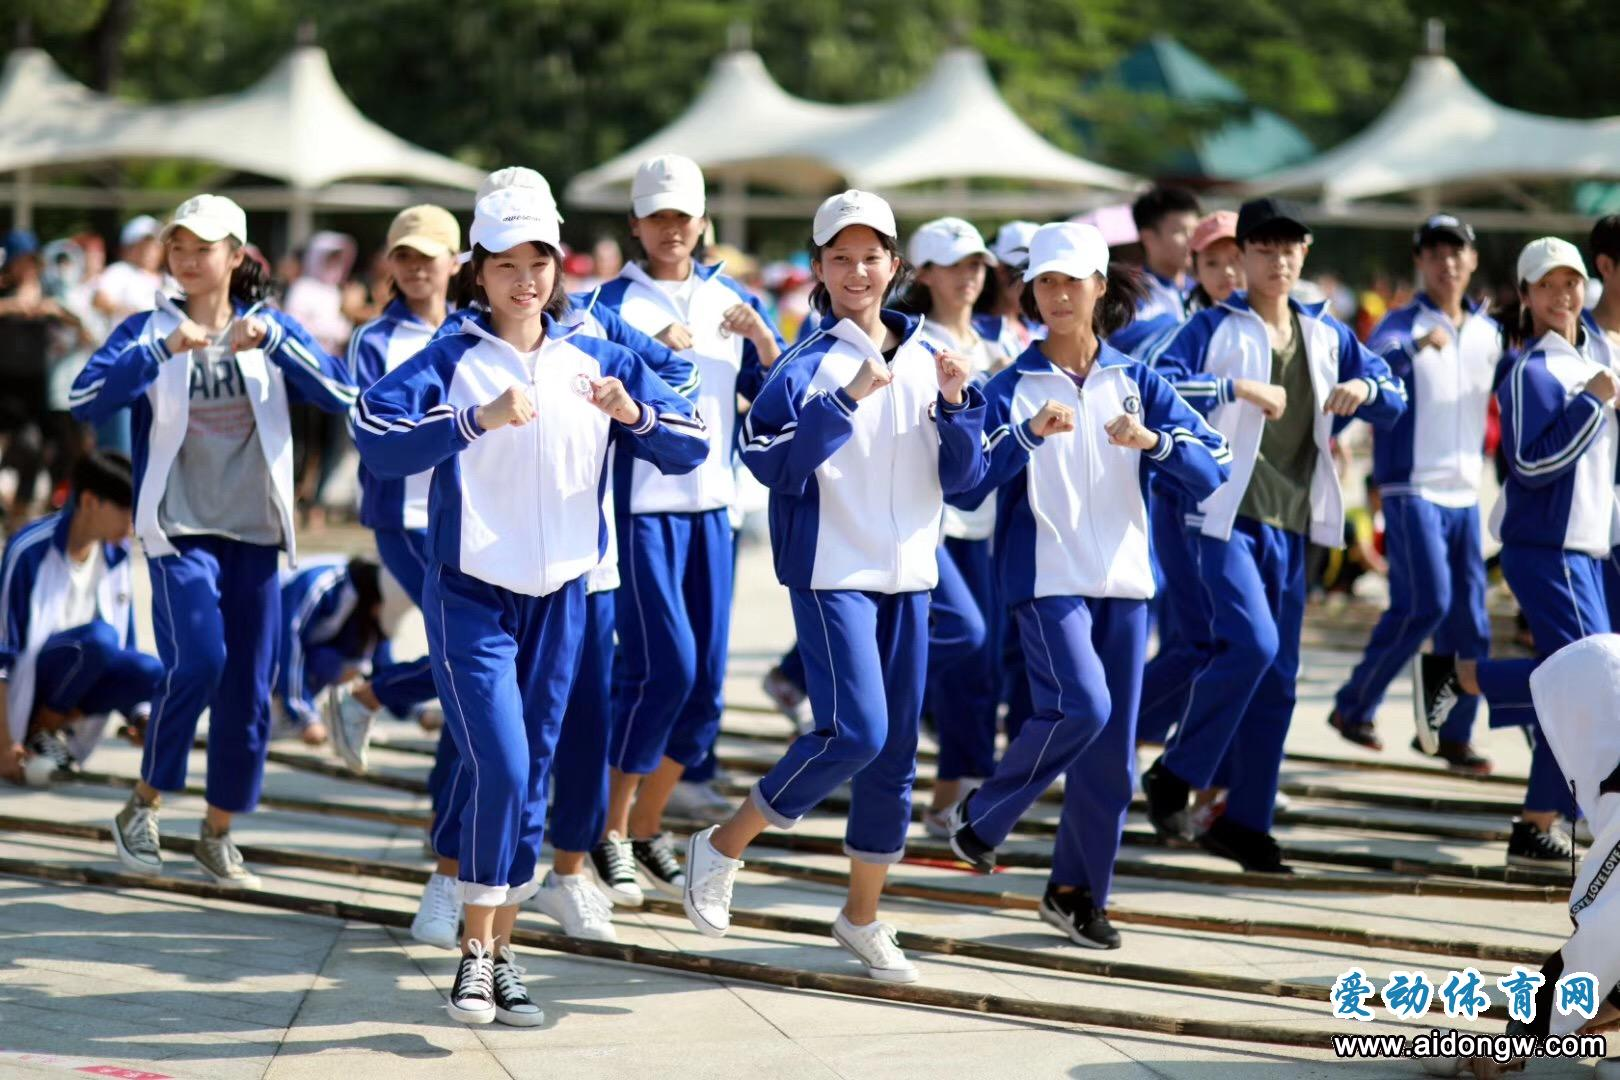 备战海南万人共跳竹竿舞活动  陵水37支队伍准备好了